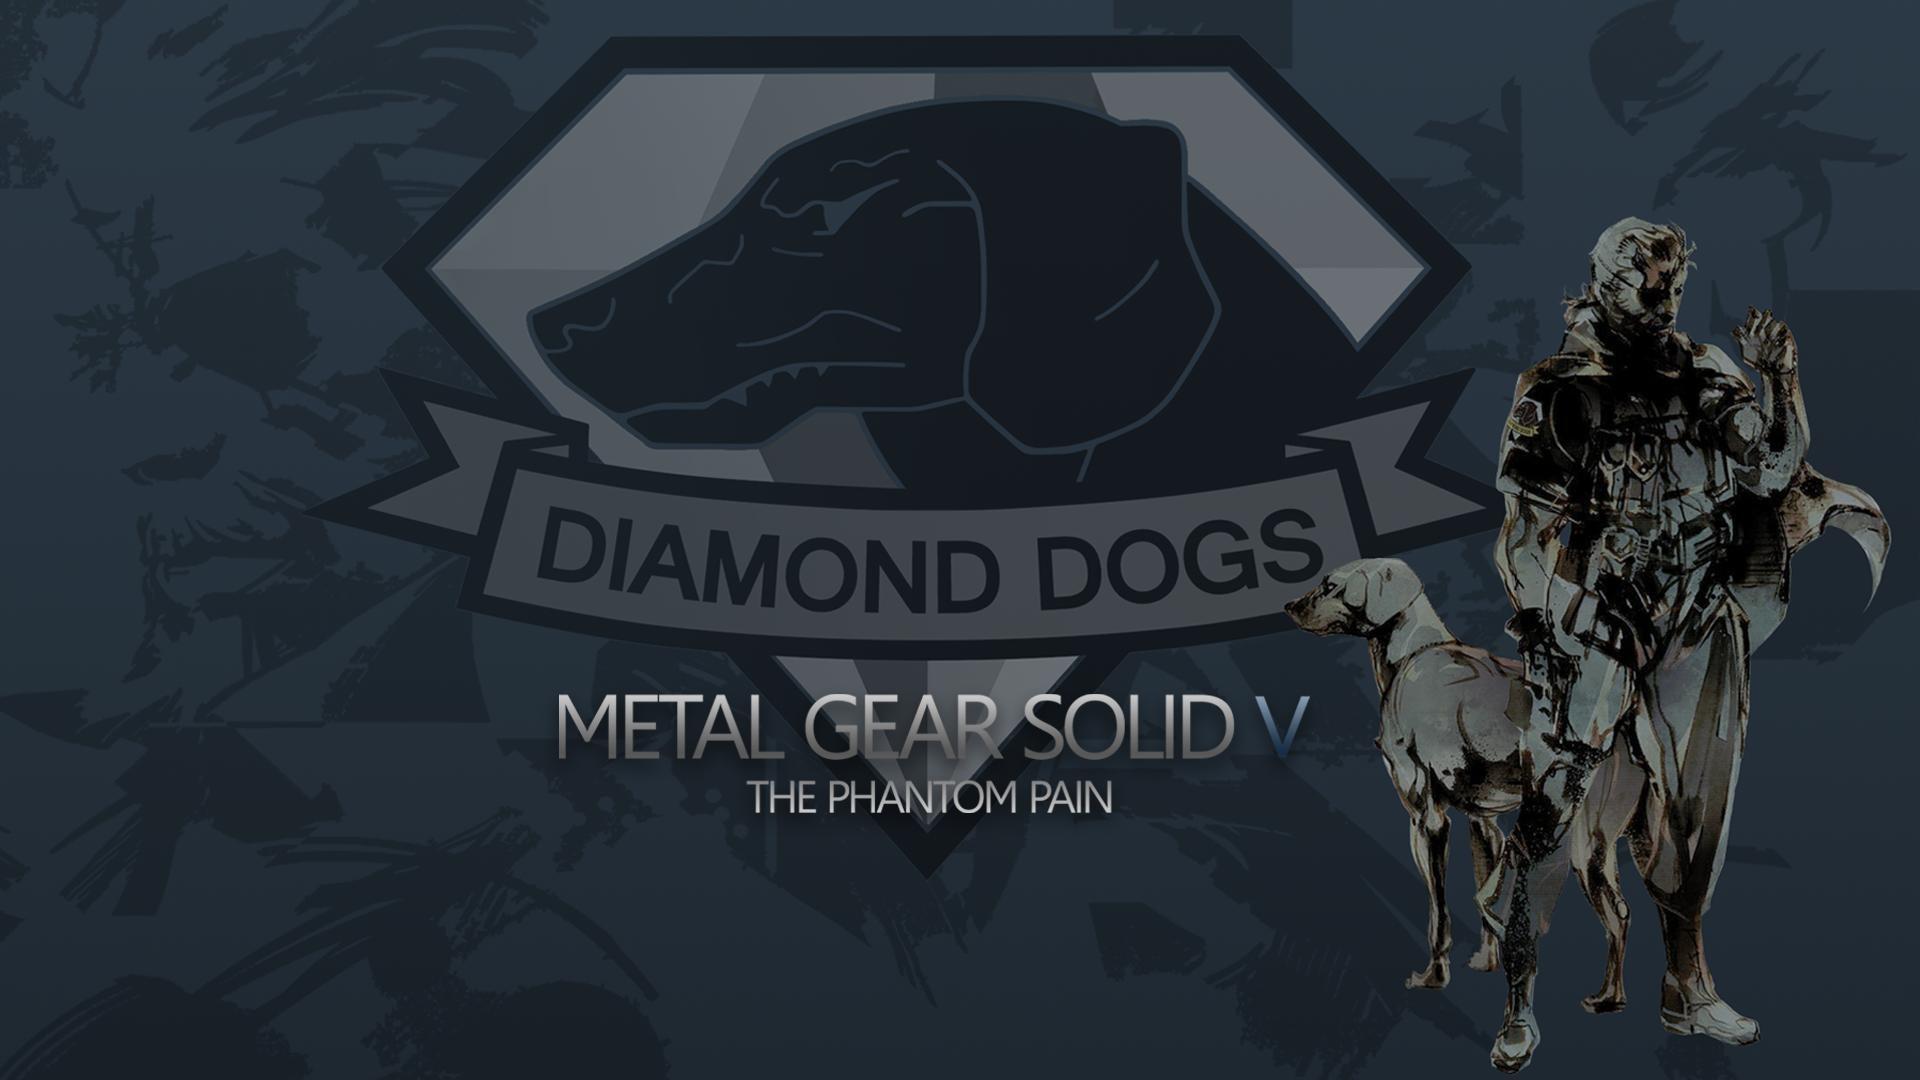 mgsv diamond dogs wallpaper by sleepingsandman watch fan art wallpaper .